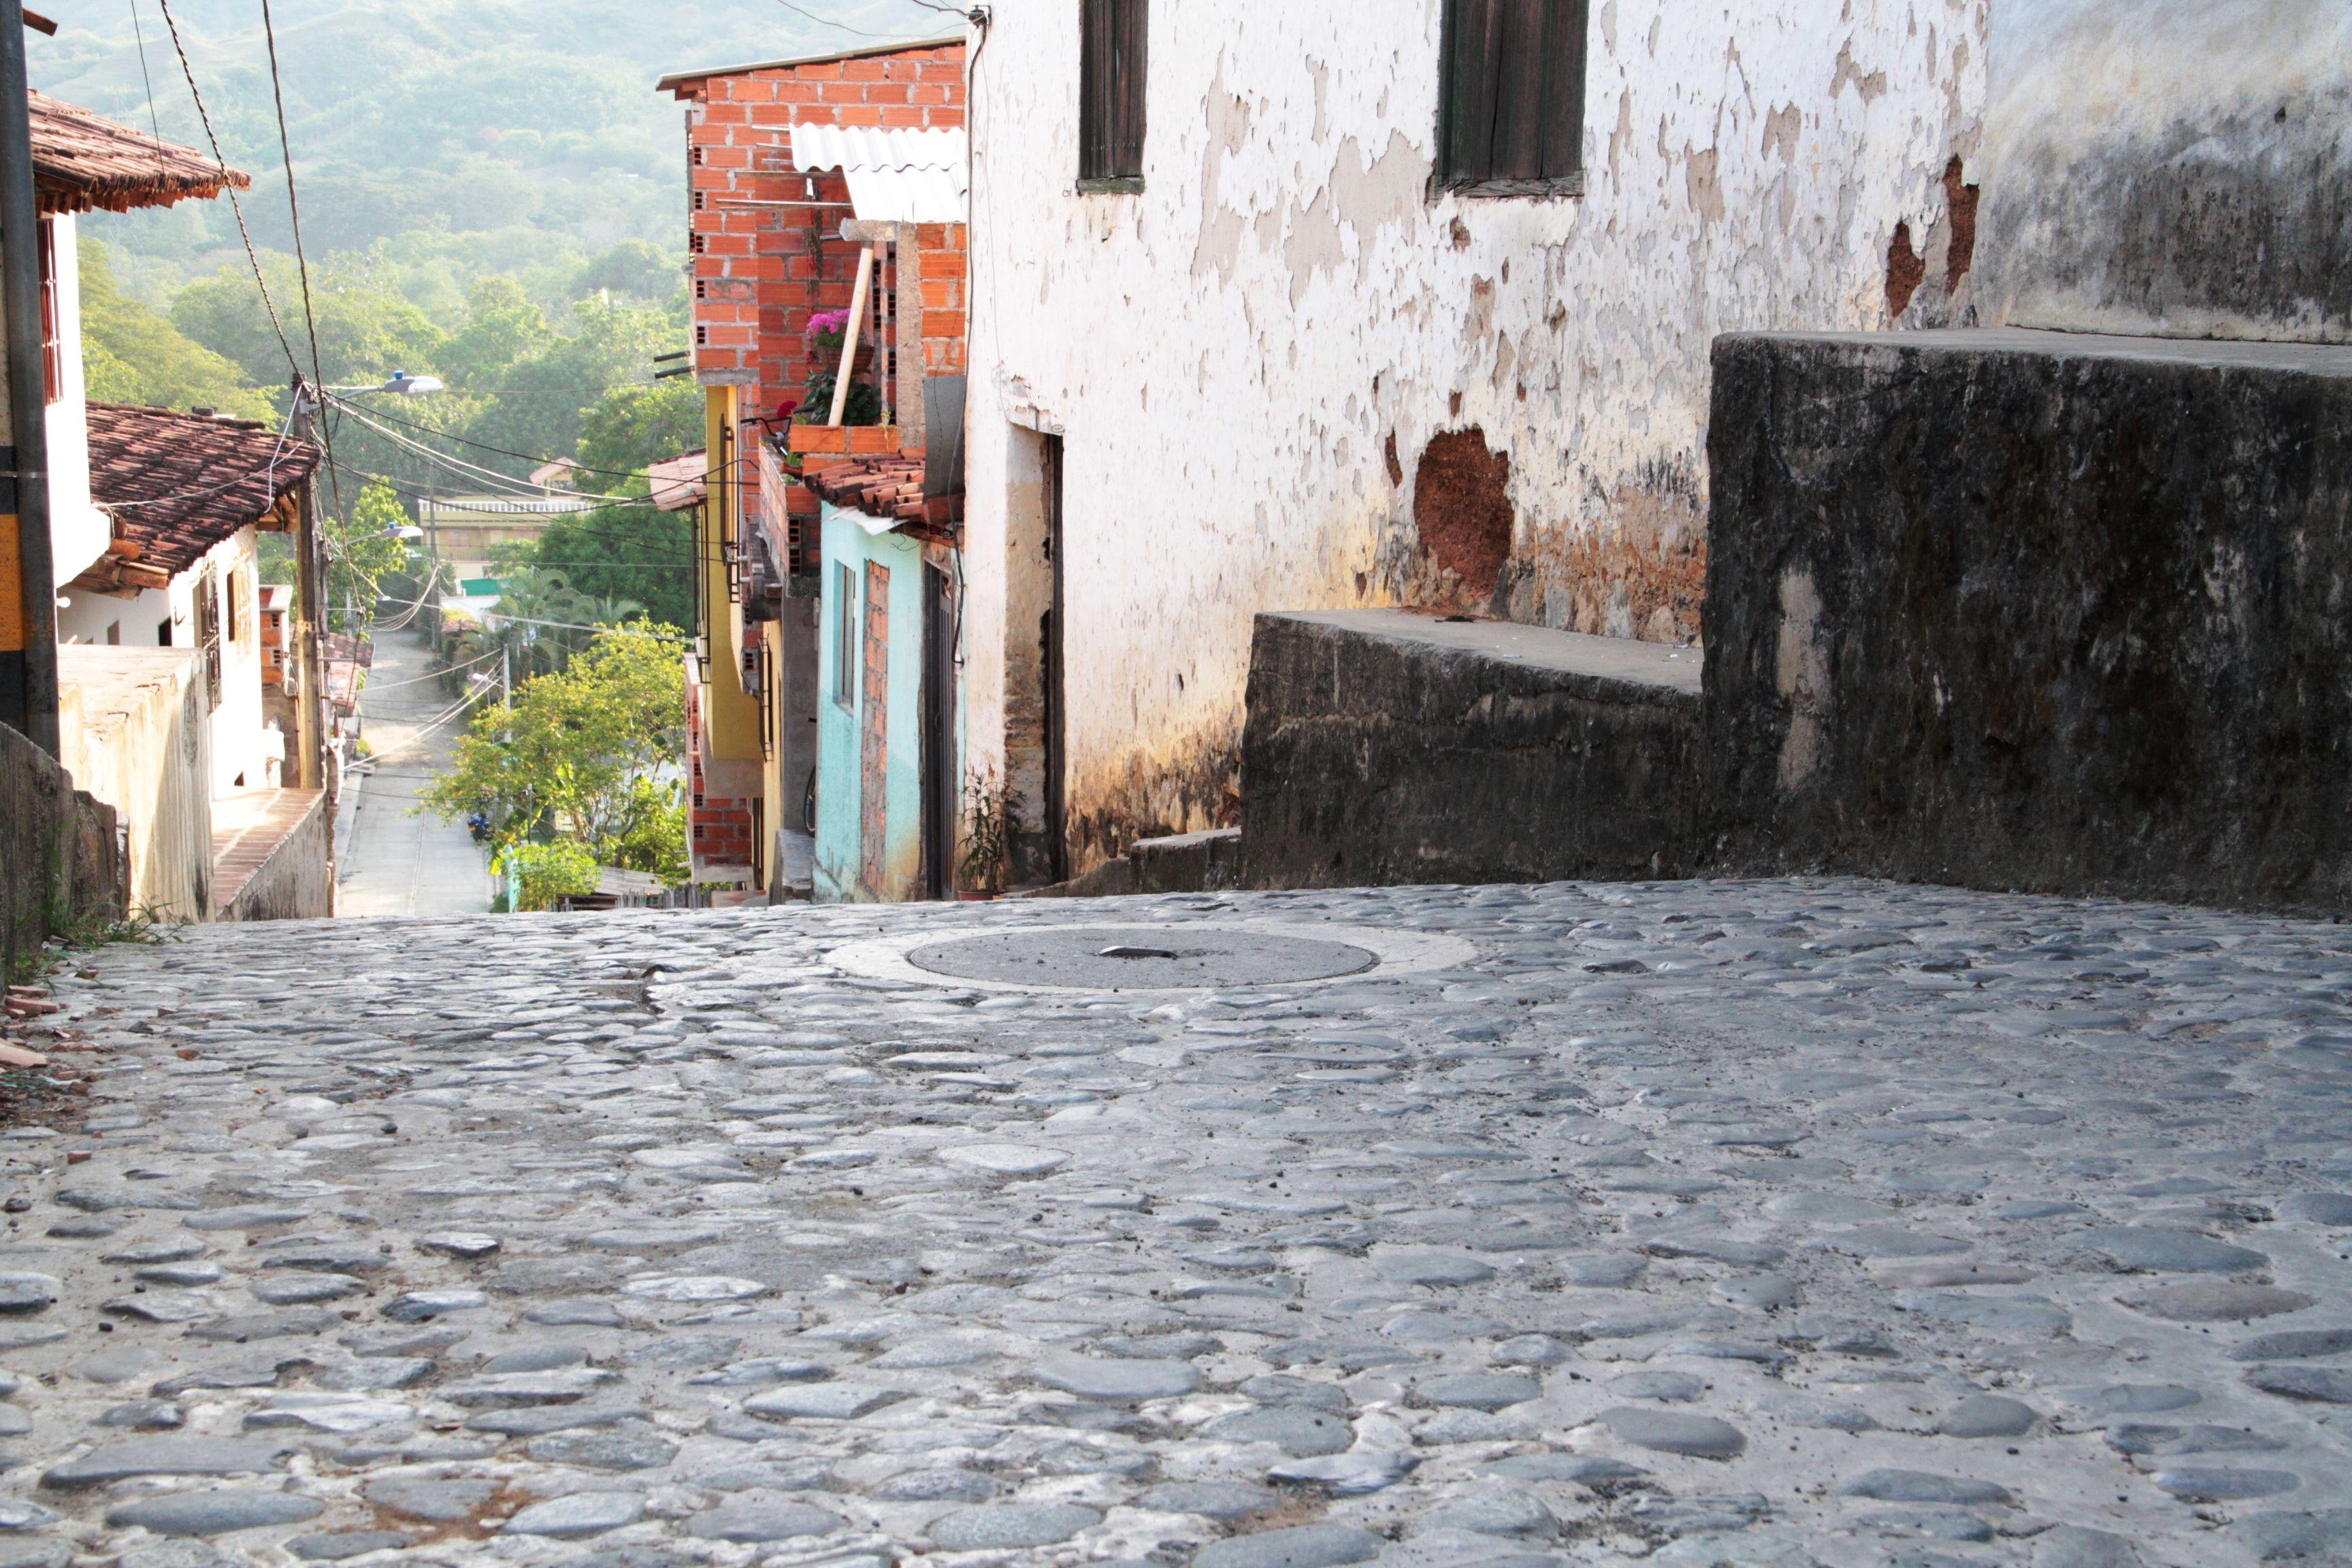 Las calles en piedra Calle, Uñas con piedras